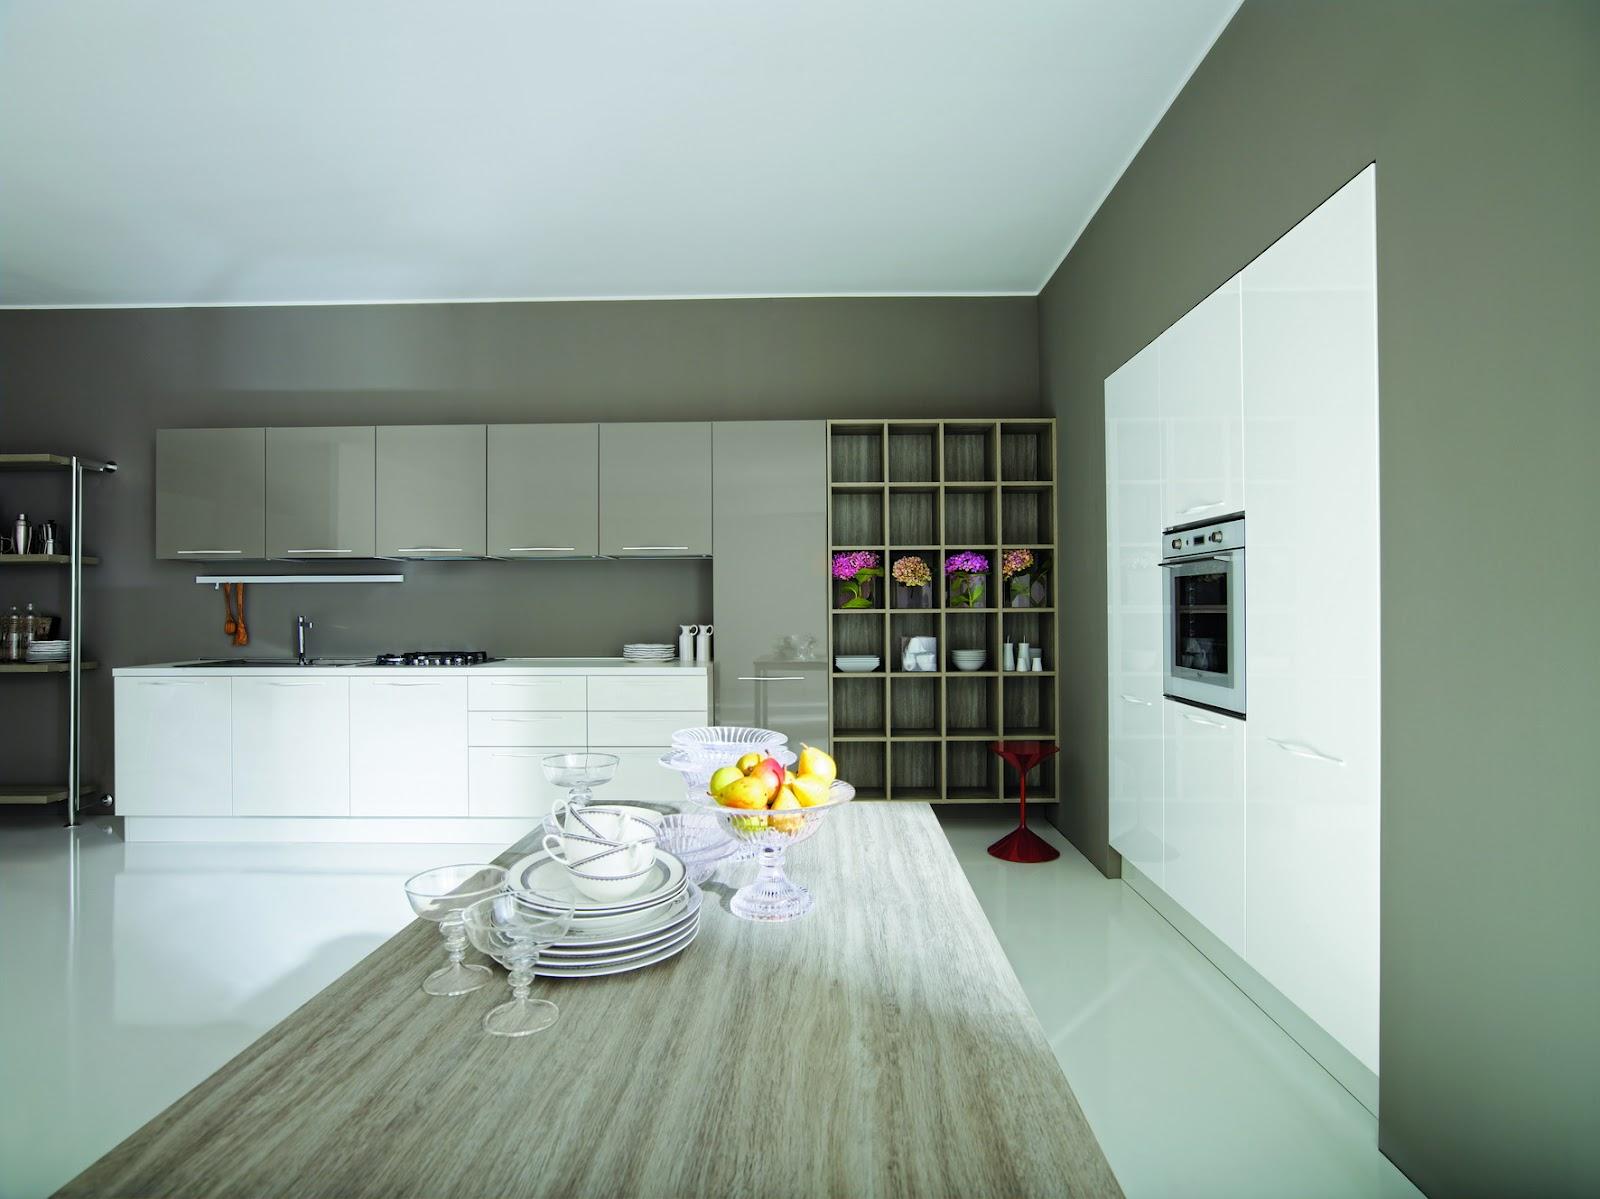 Casa e tecnologia aran cucina terra bianco tortora lucido - Cucina rovere bianco ...